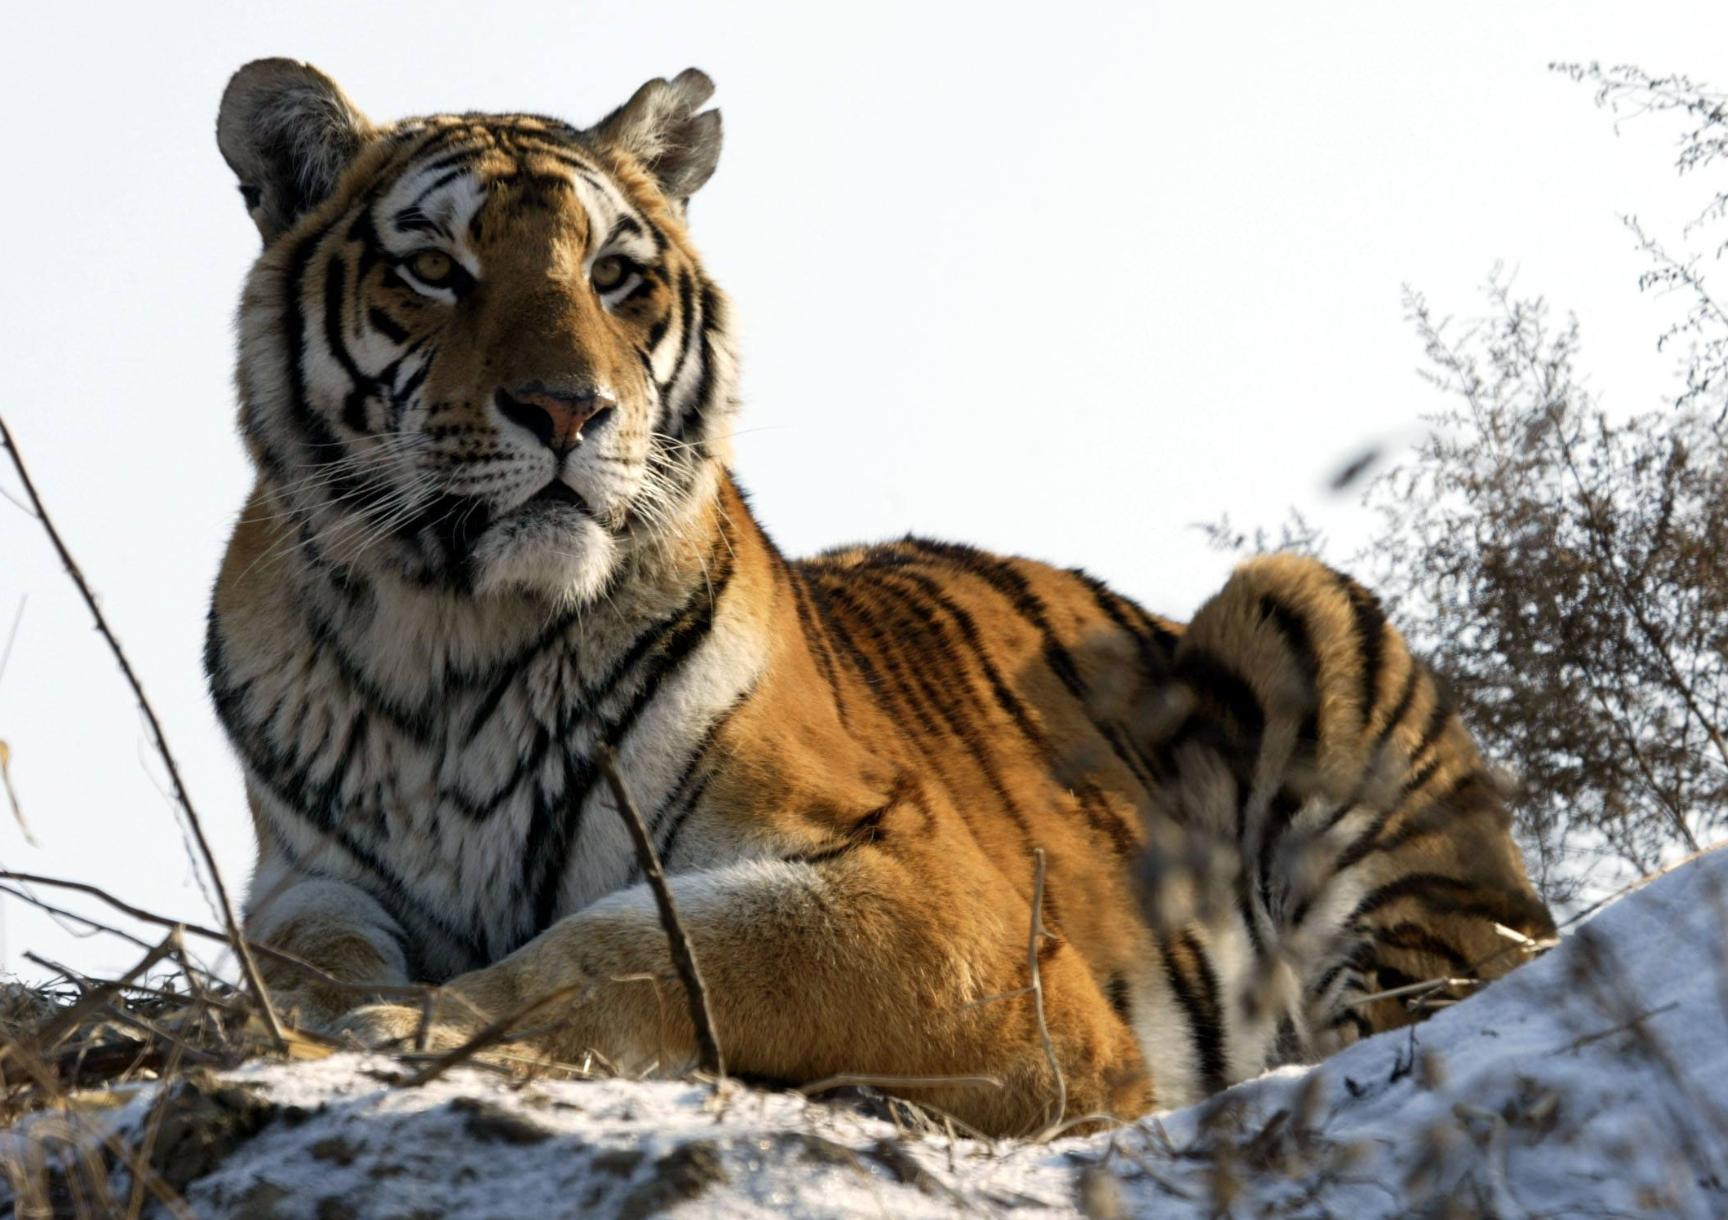 东北虎身长3米重达260公斤,几乎没有对手,为何还濒临灭绝?